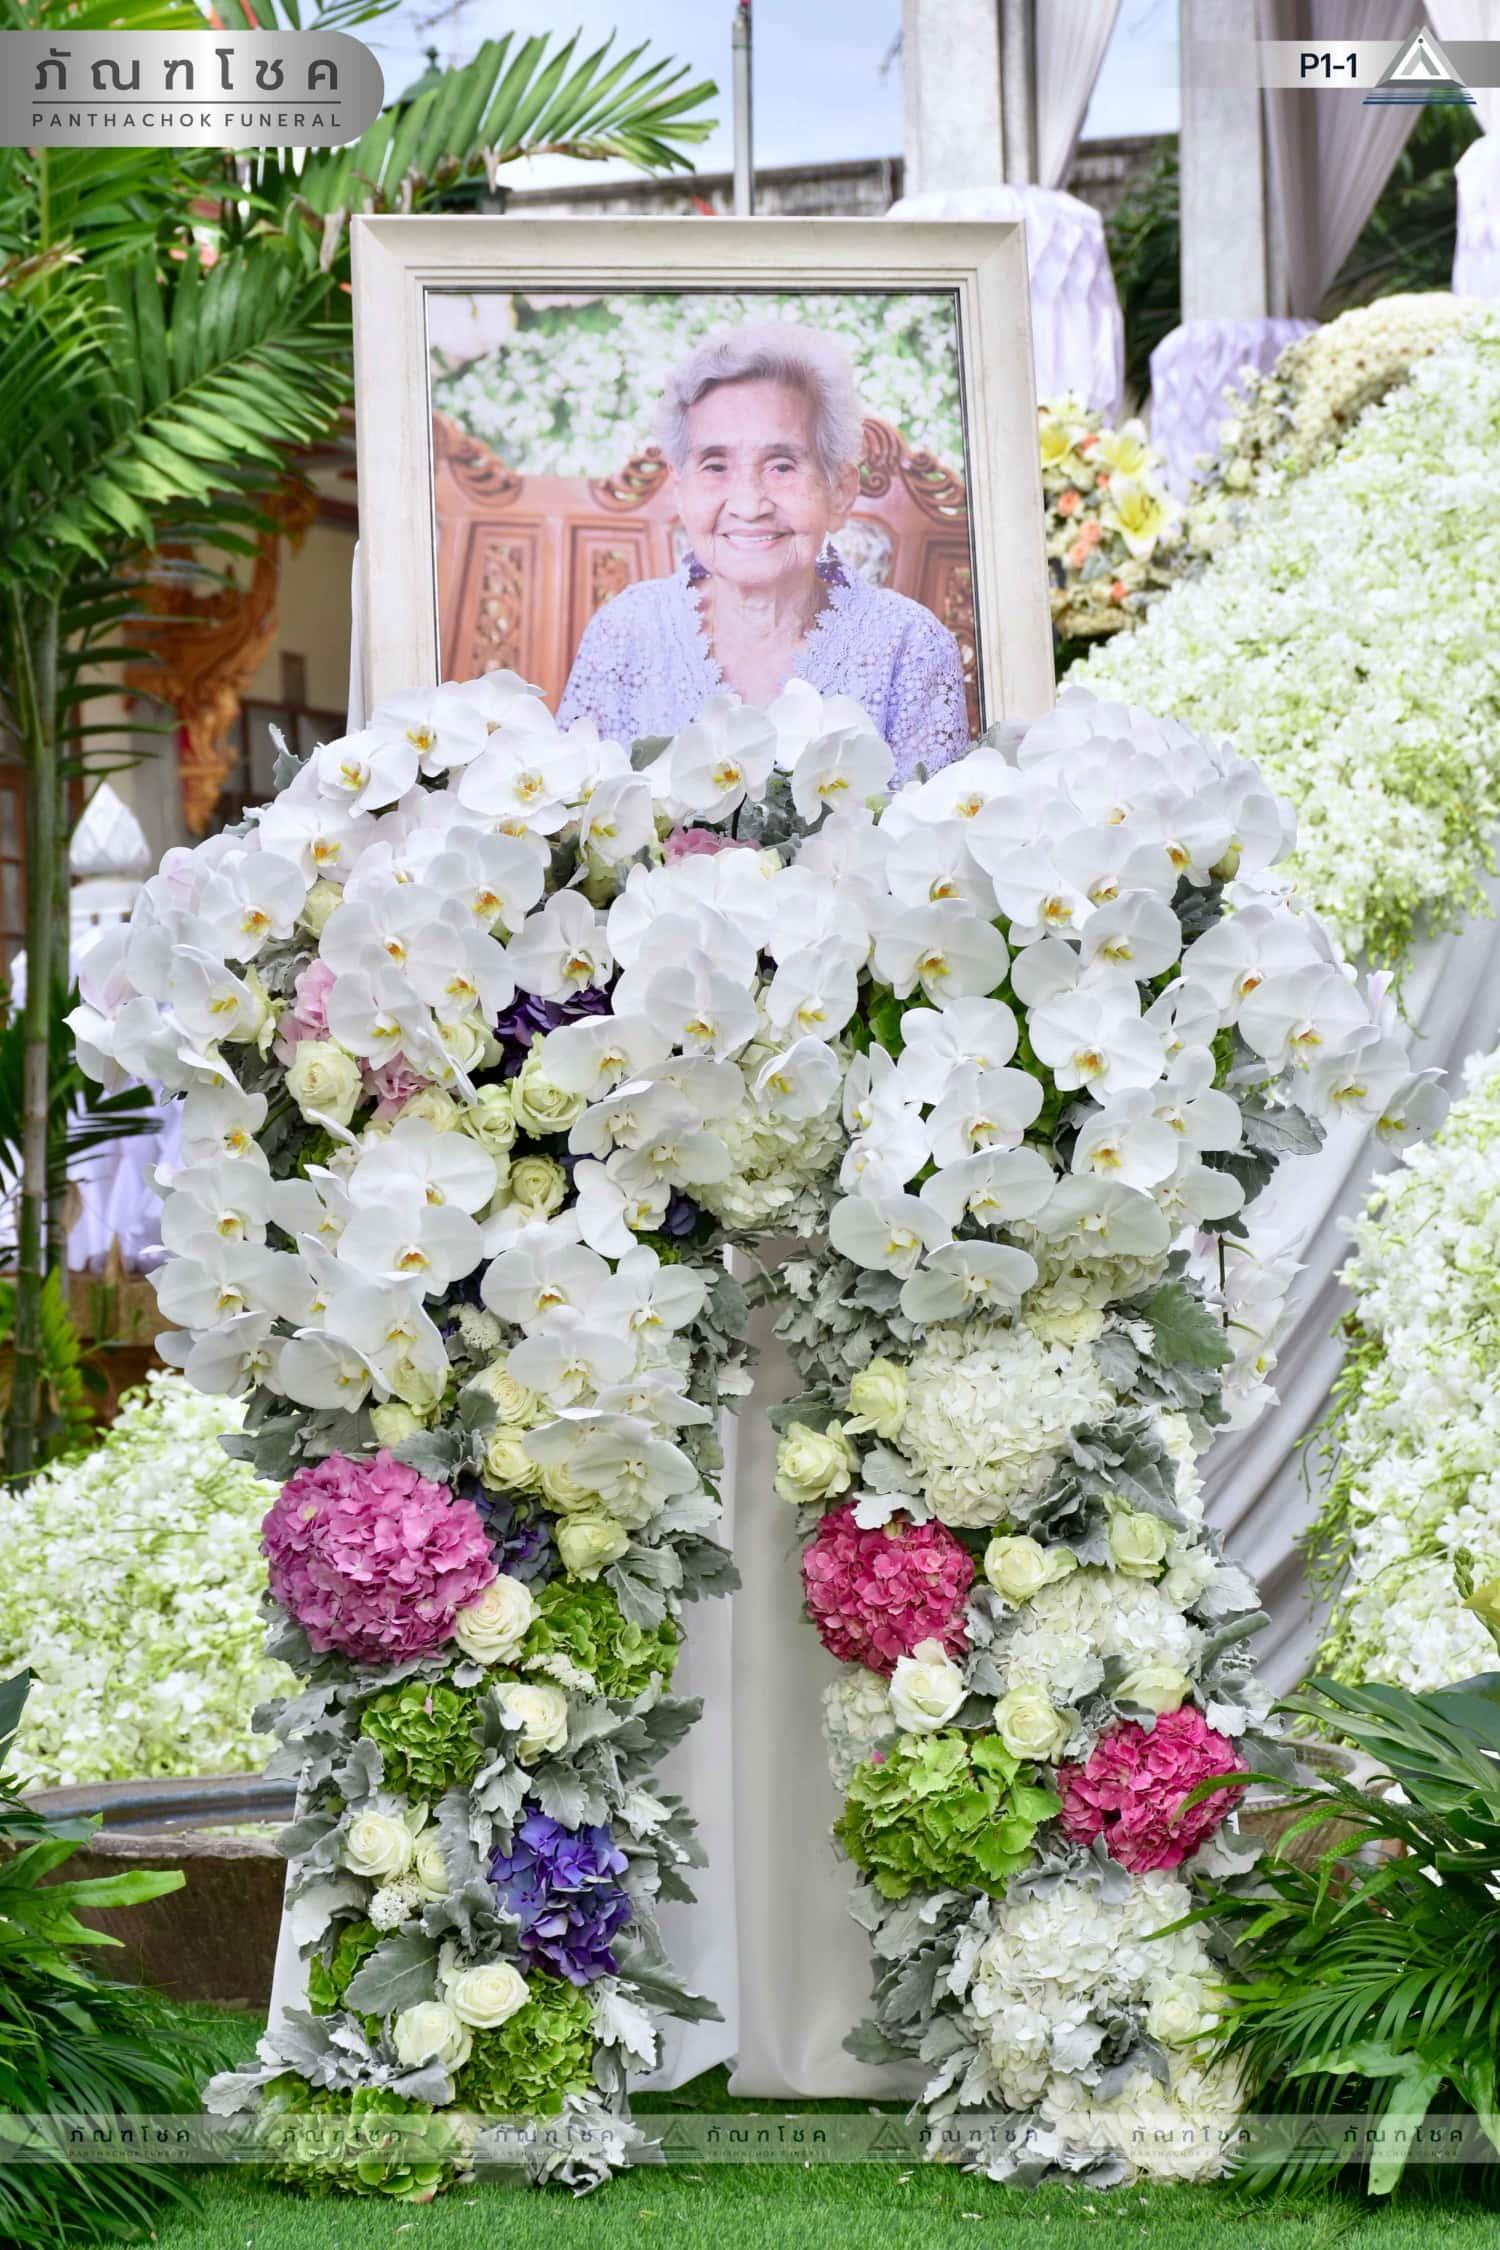 ดอกไม้หน้าศพ ชุด P1-1 51